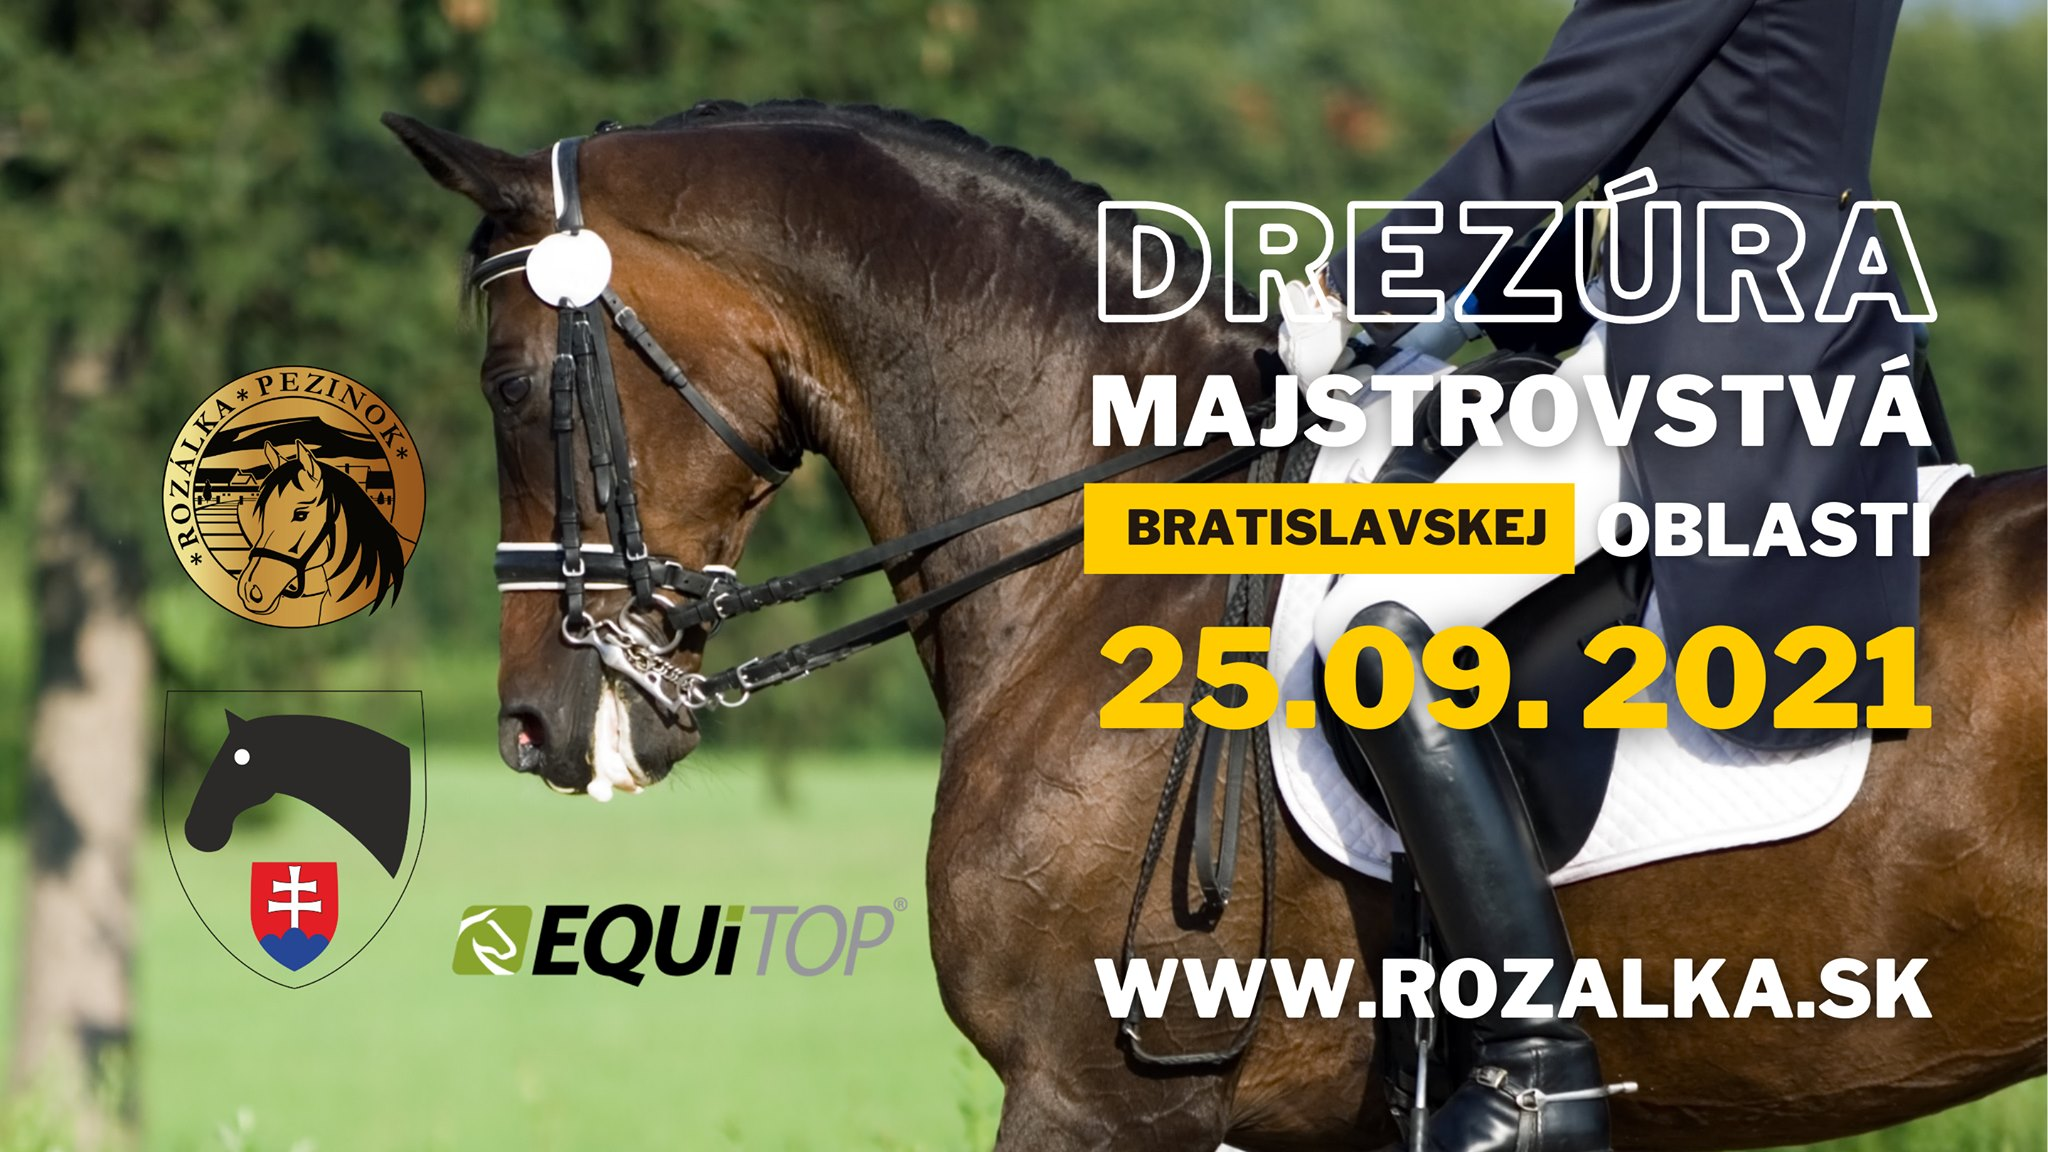 Majstrovstvá bratislavskej oblasti v DREZÚRE - 25.9.2021 od 8:00 do 20:00, Areál Zdravia Rozálka Pezinok